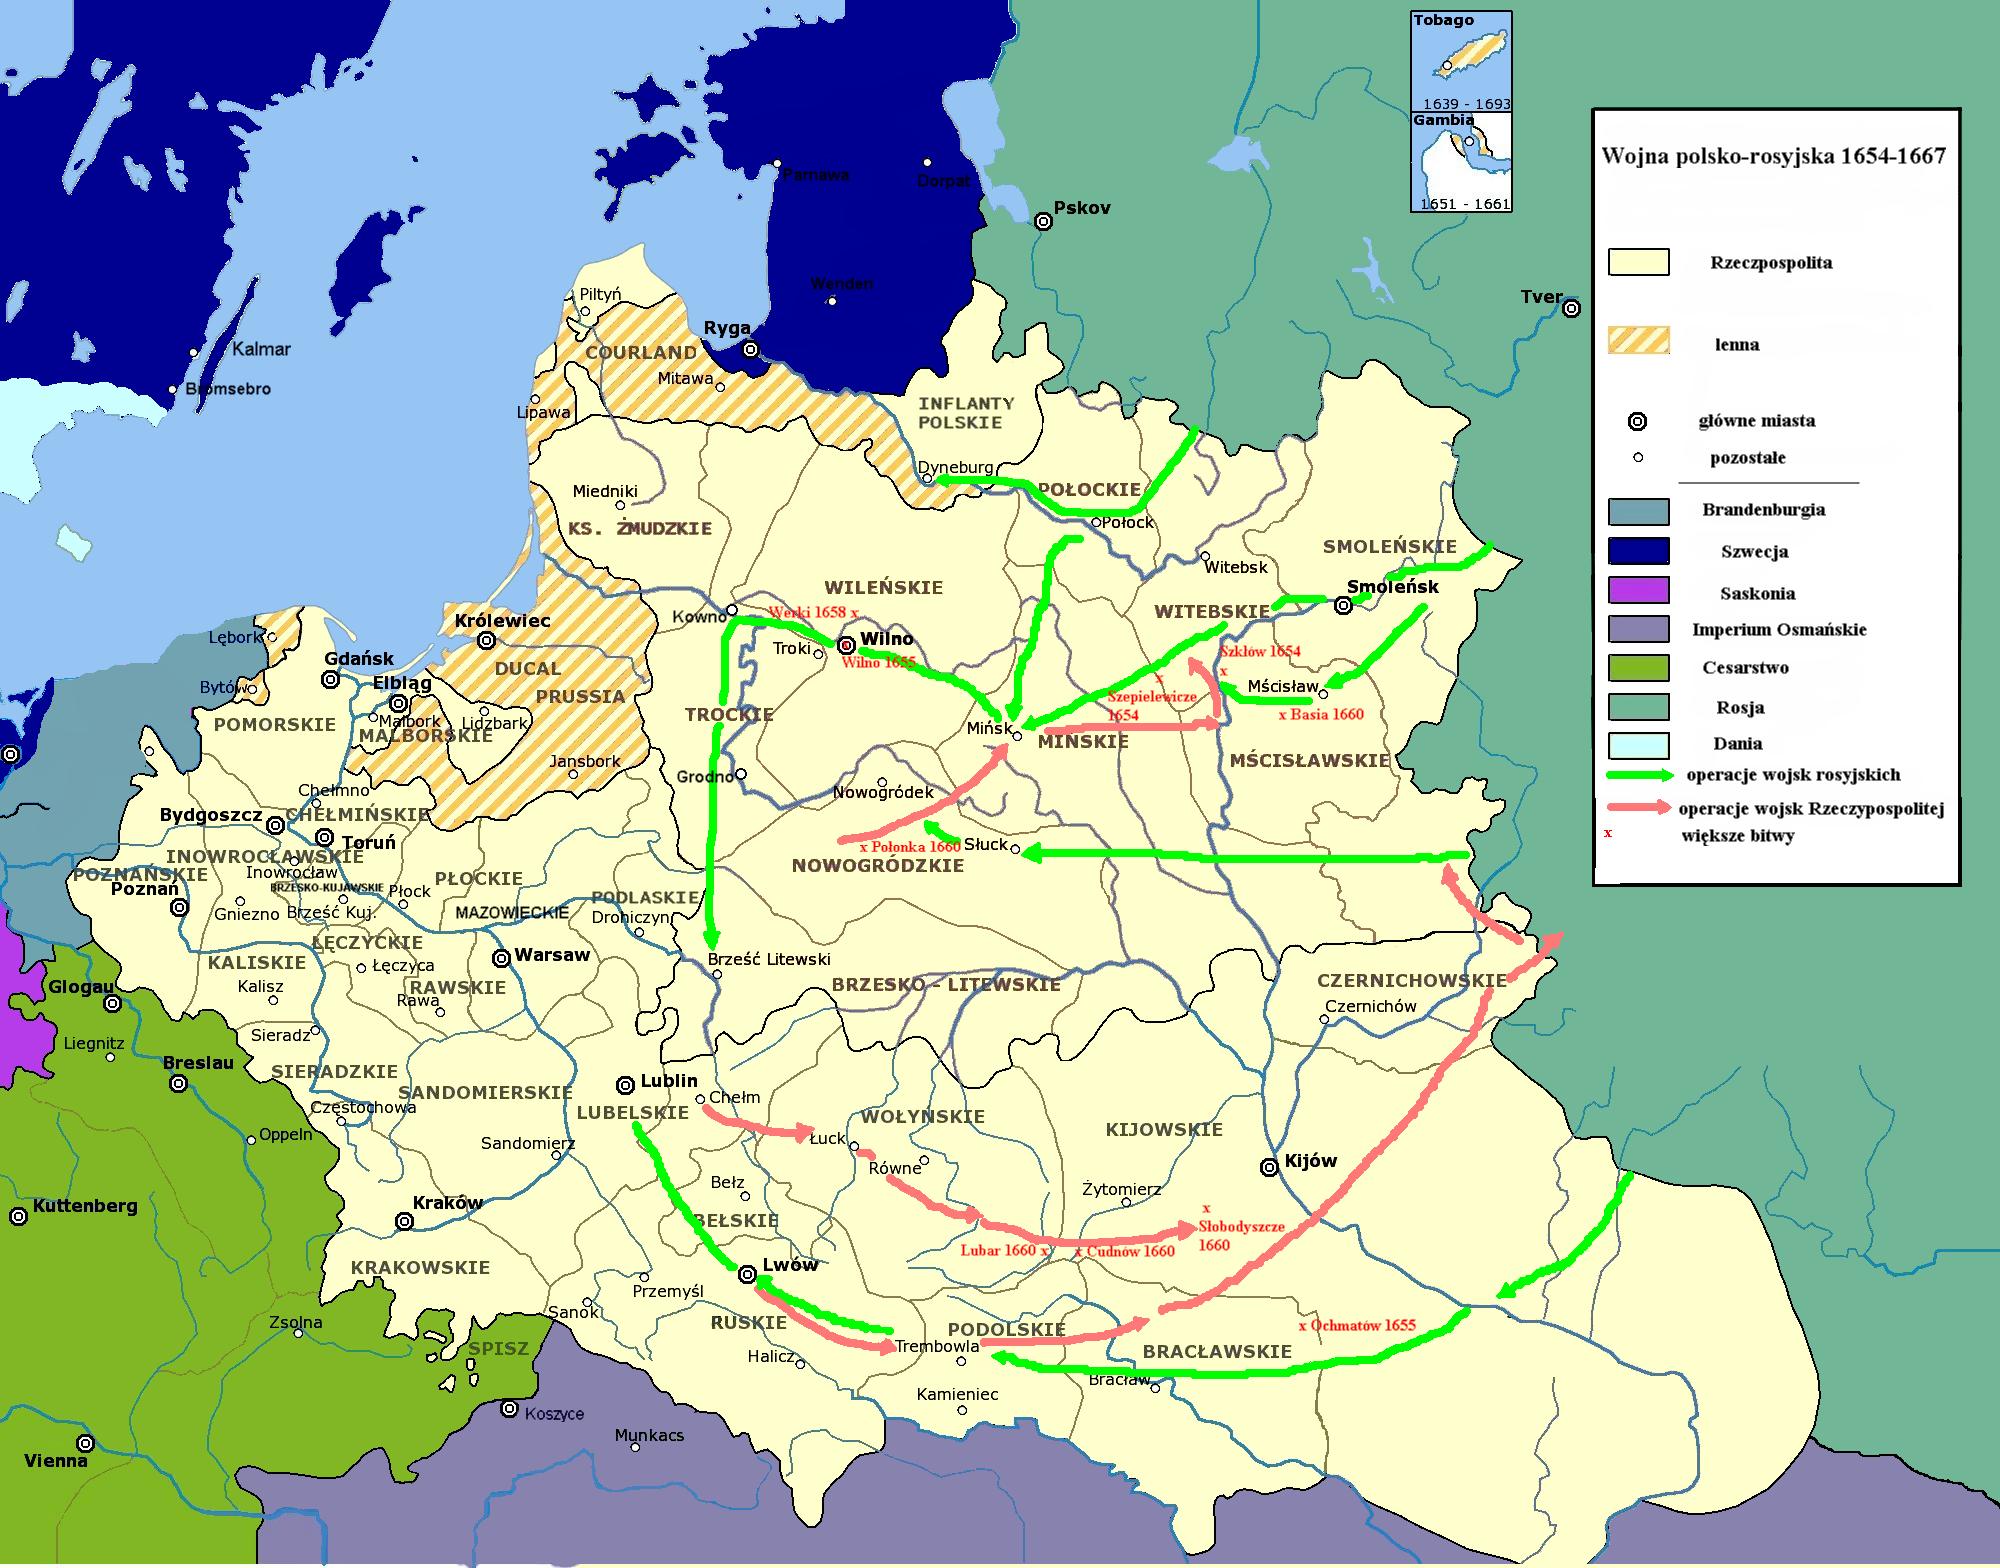 Р���копол��кая война 1654�1667 ��о Ч�о �акое Р���ко